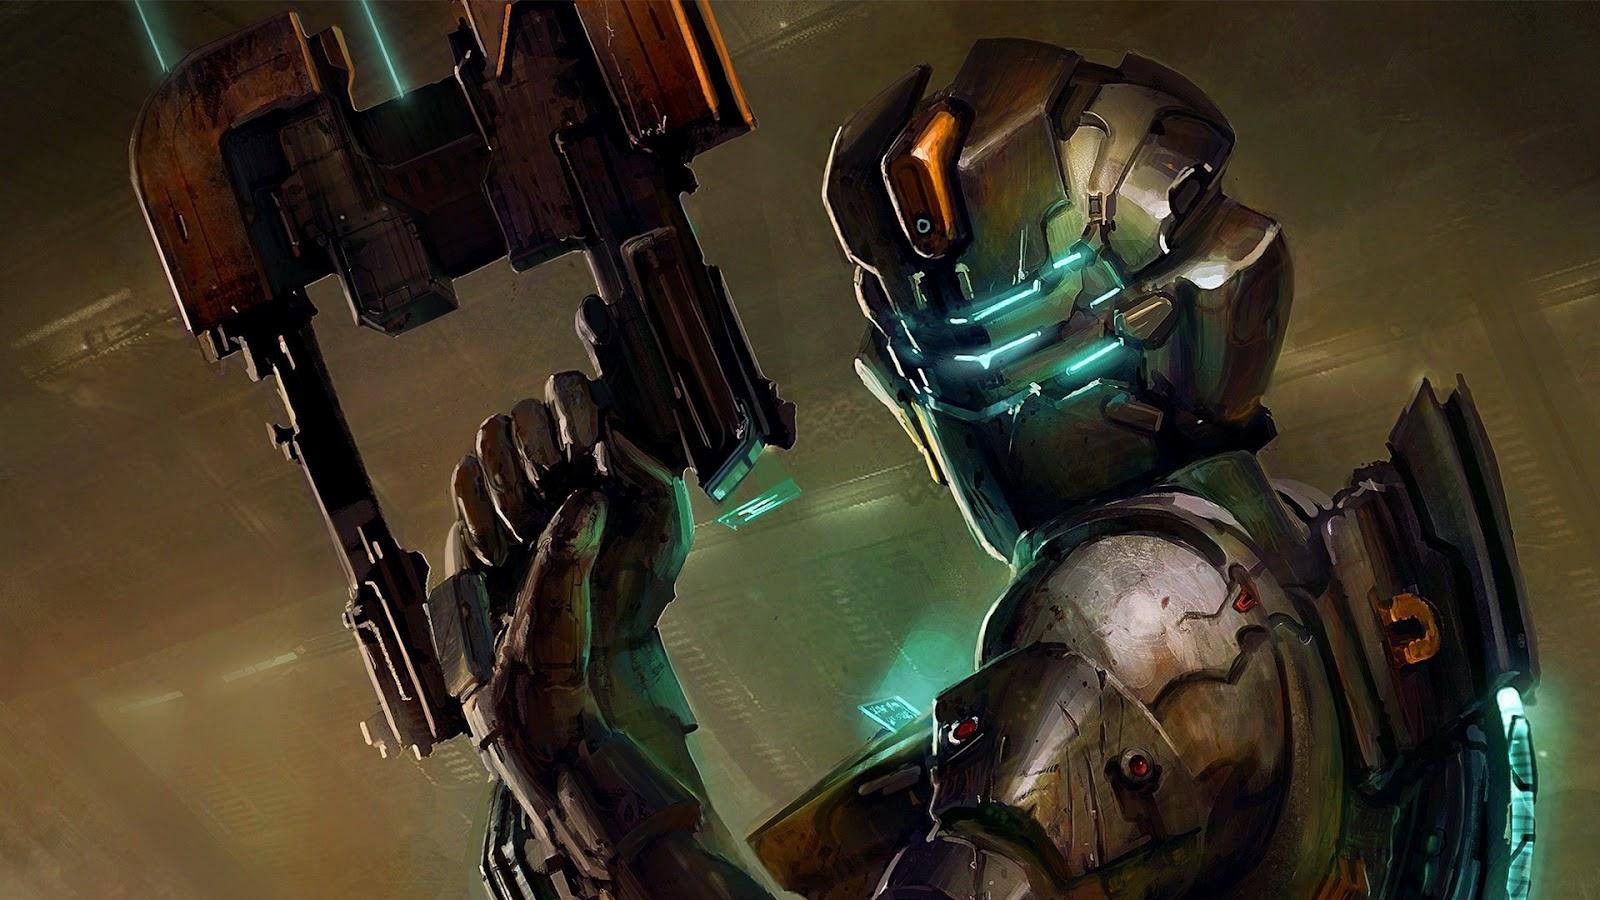 Dead Space 3 Wallpaper 3 1920x1080 1600x900